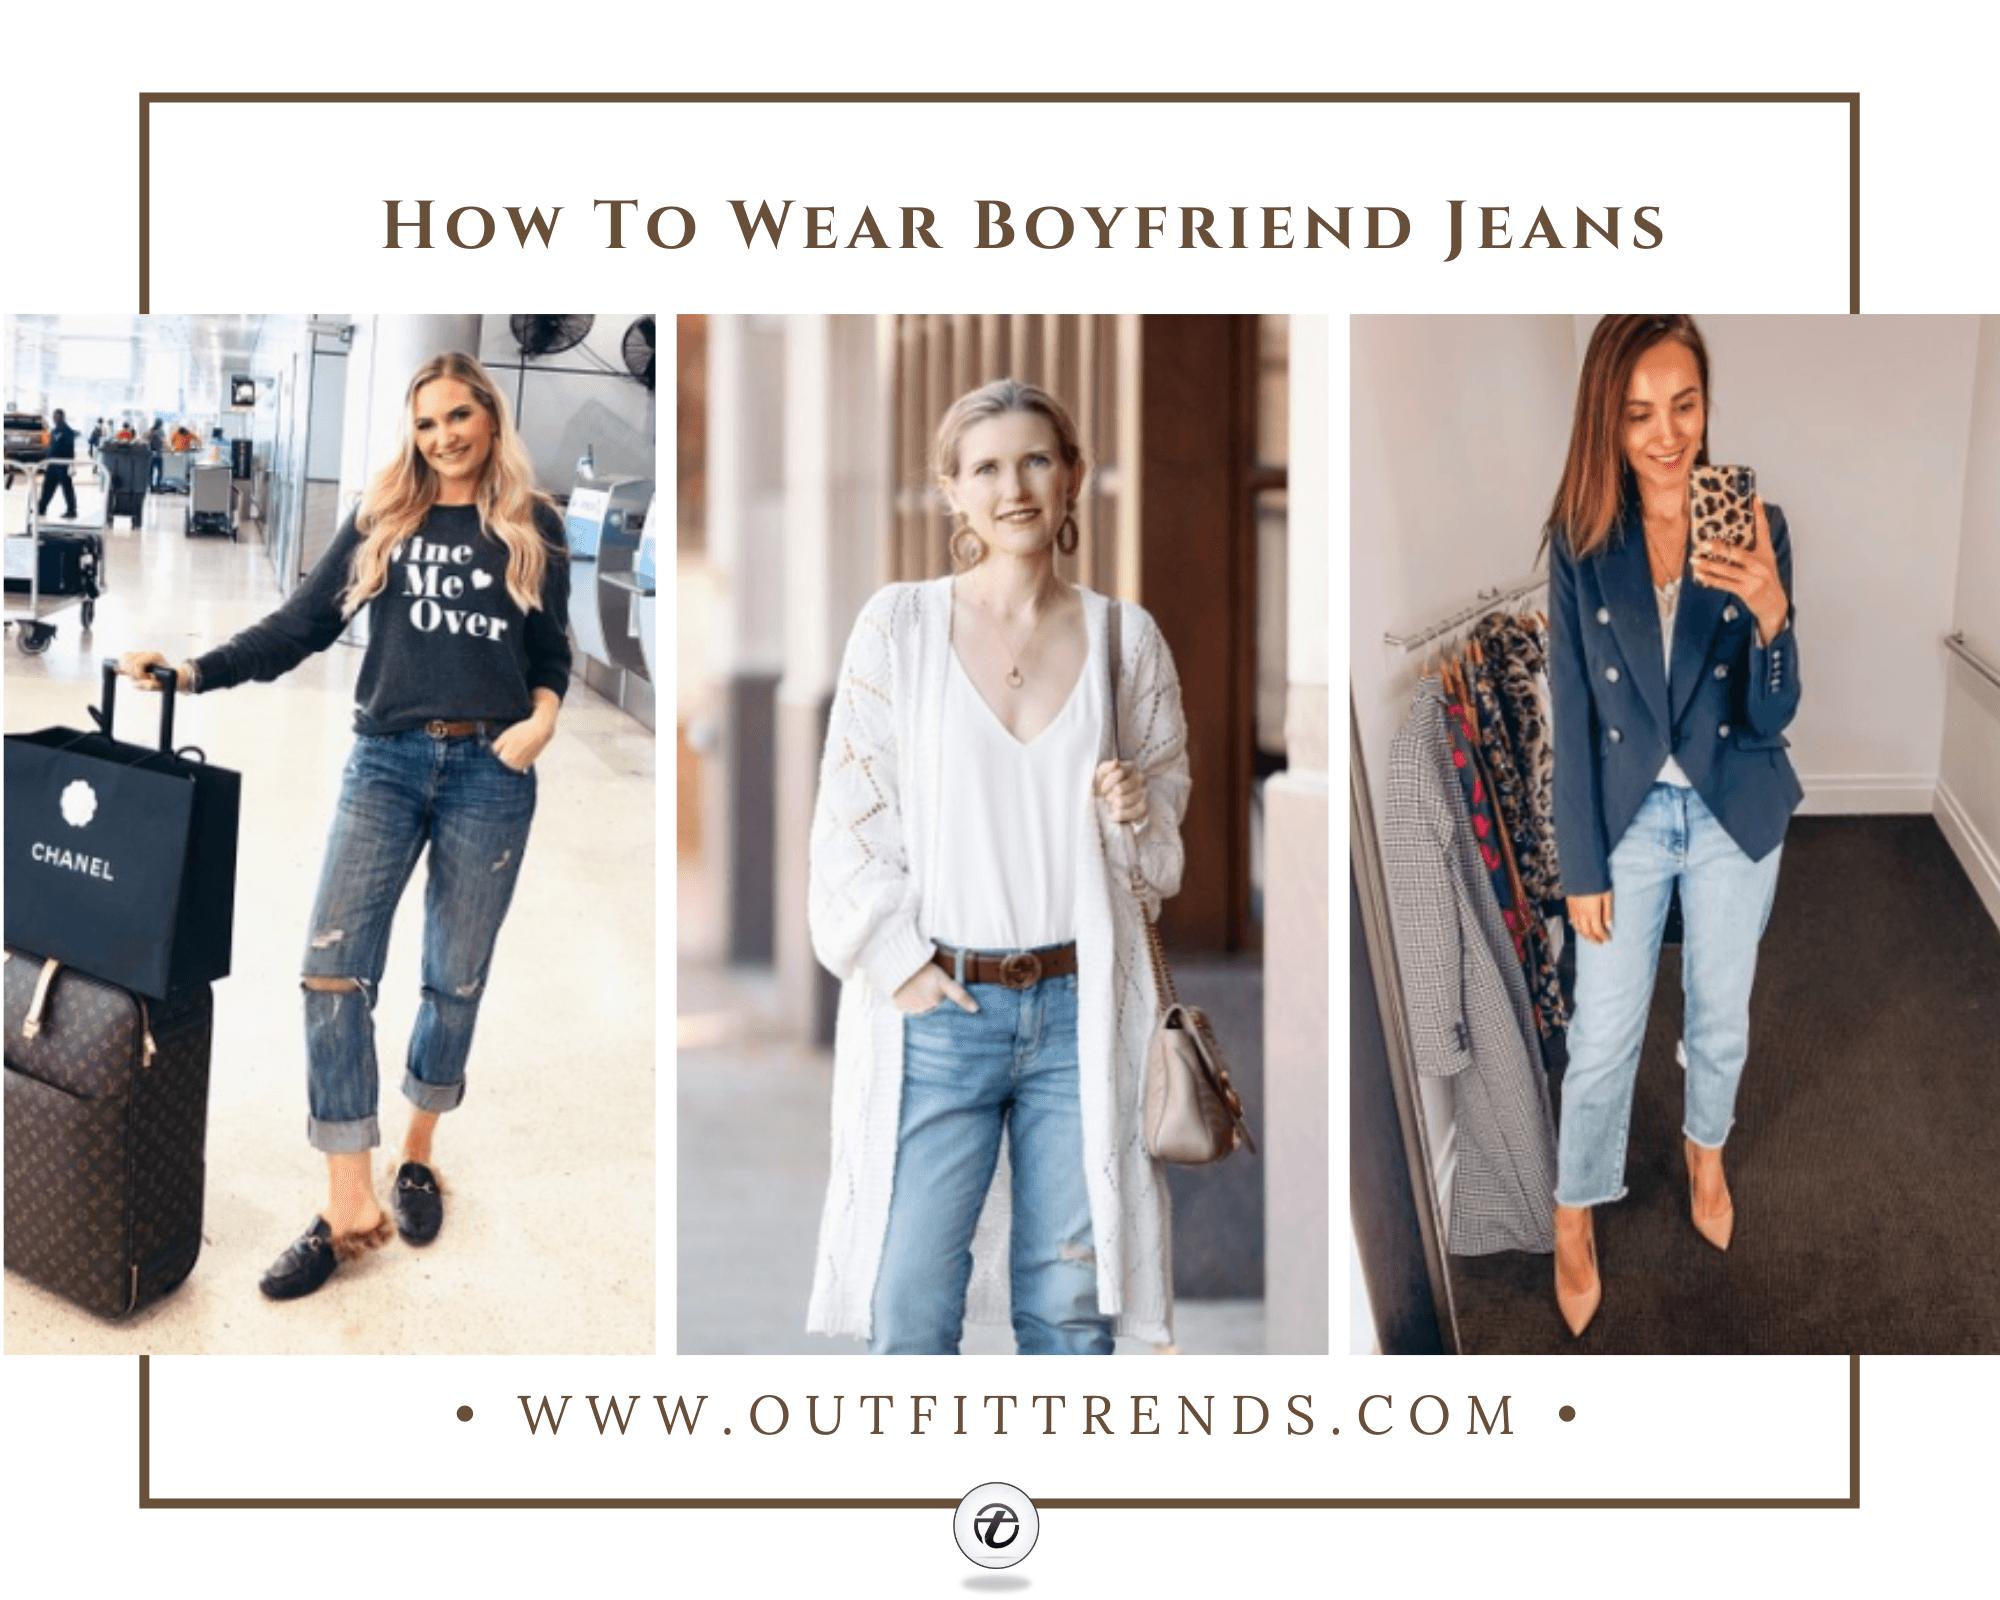 Boyfriend Jeans Outfits25 Best Ways to Wear Boyfriend Jeans